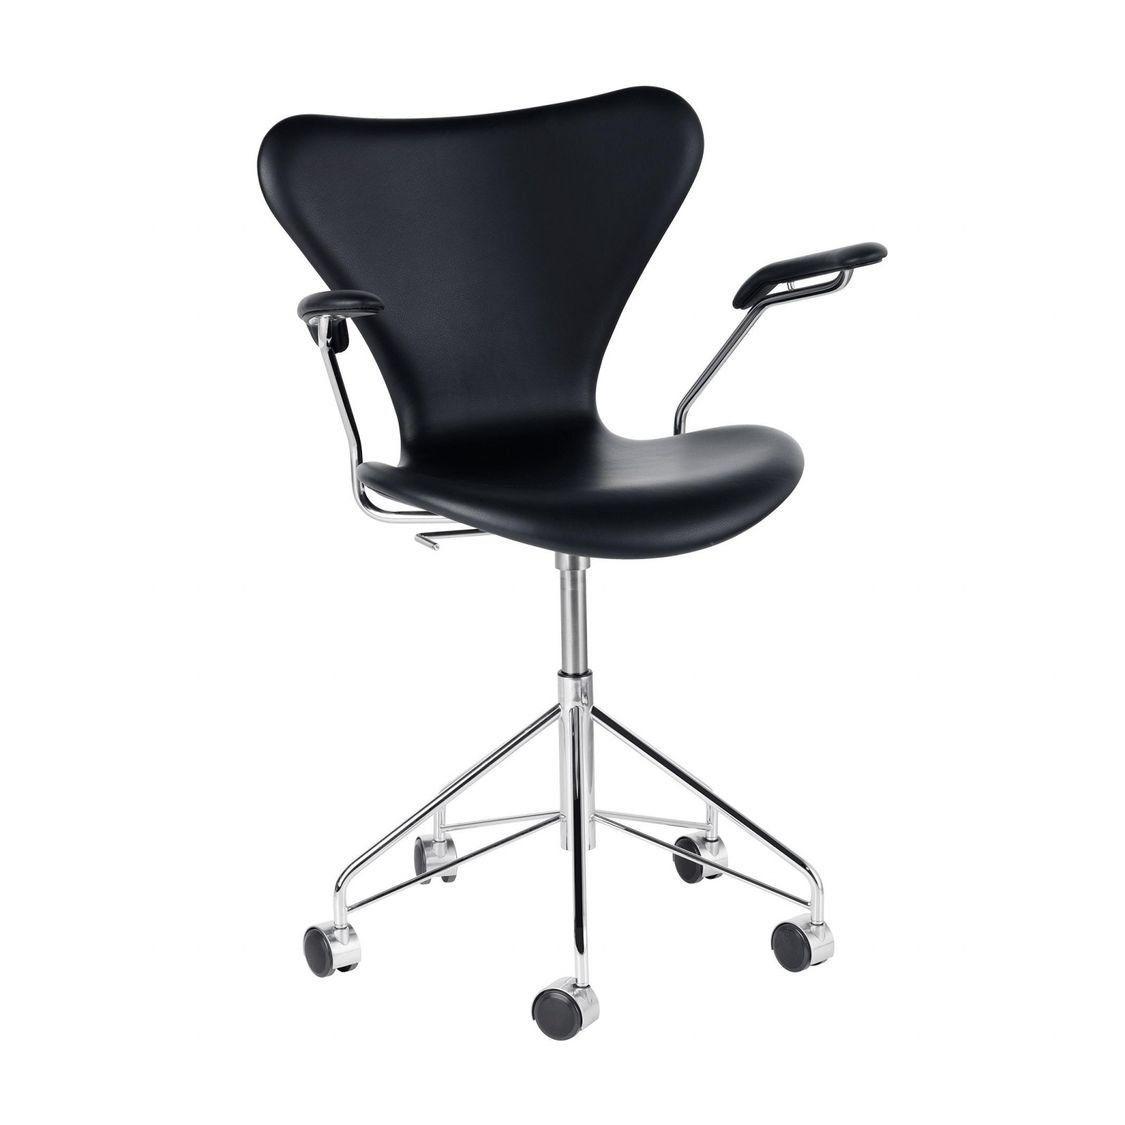 Serie 7 - Silla giratoria / silla de oficina | Fritz Hansen ...